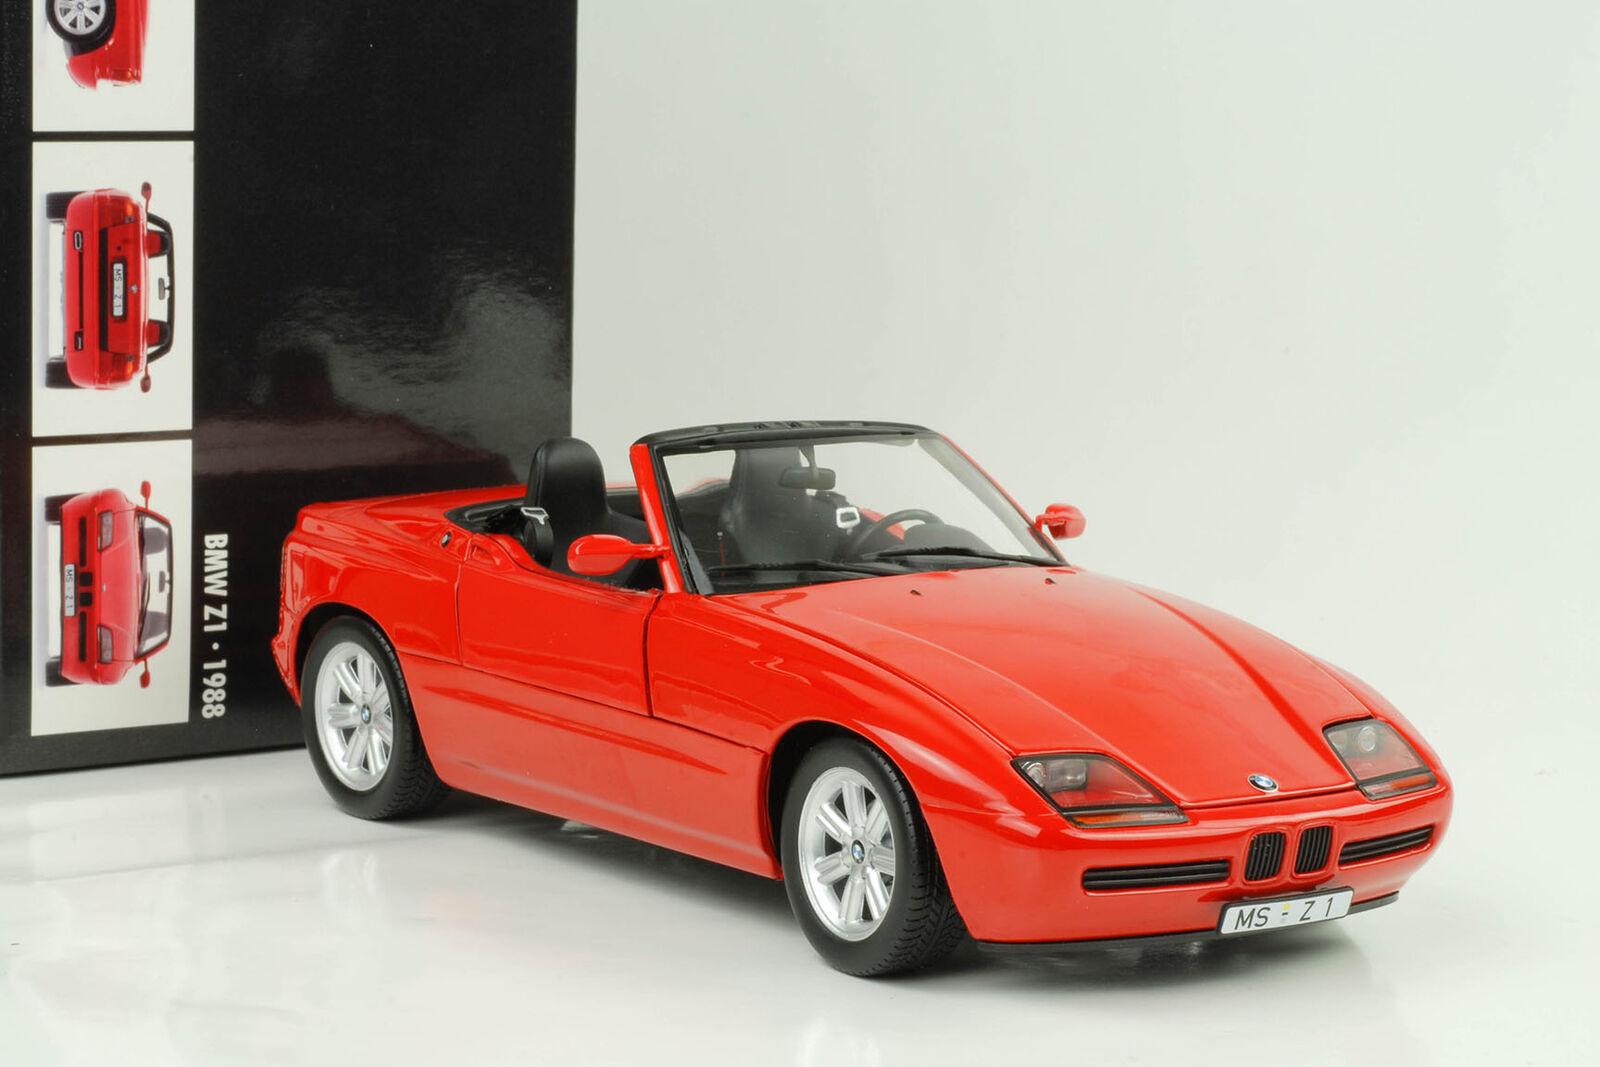 supporto al dettaglio all'ingrosso 1 18 z1 BMW stradaSTER ROSSO 1 18 18 18 Diecast Minichamps Nuovo Limited  servizio di prima classe